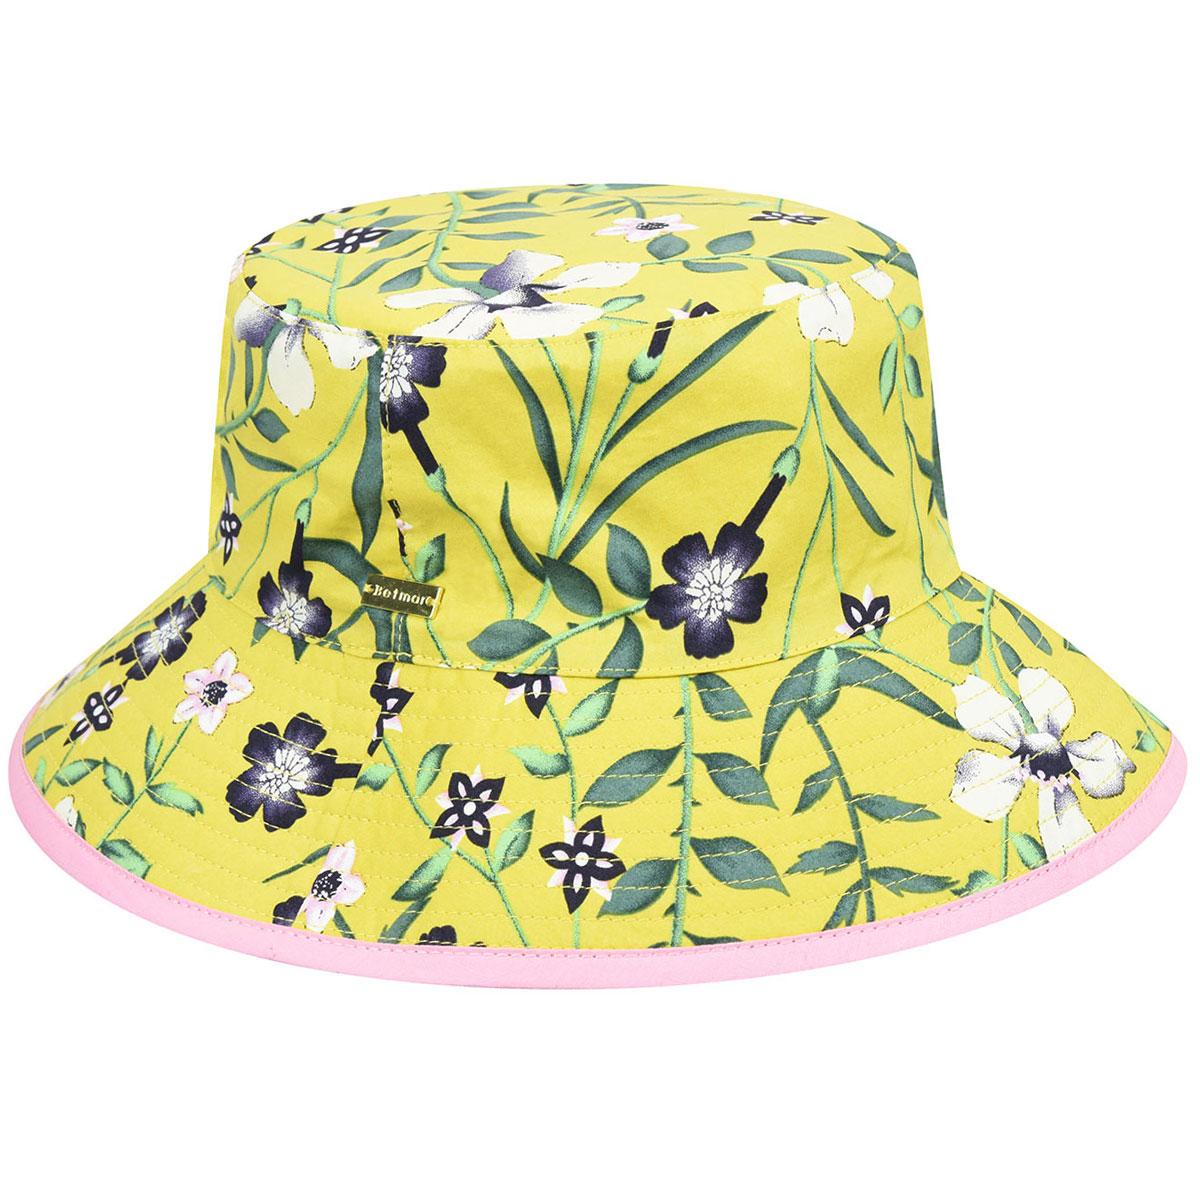 Florence Bucket - Citrus/Floral/1SFM